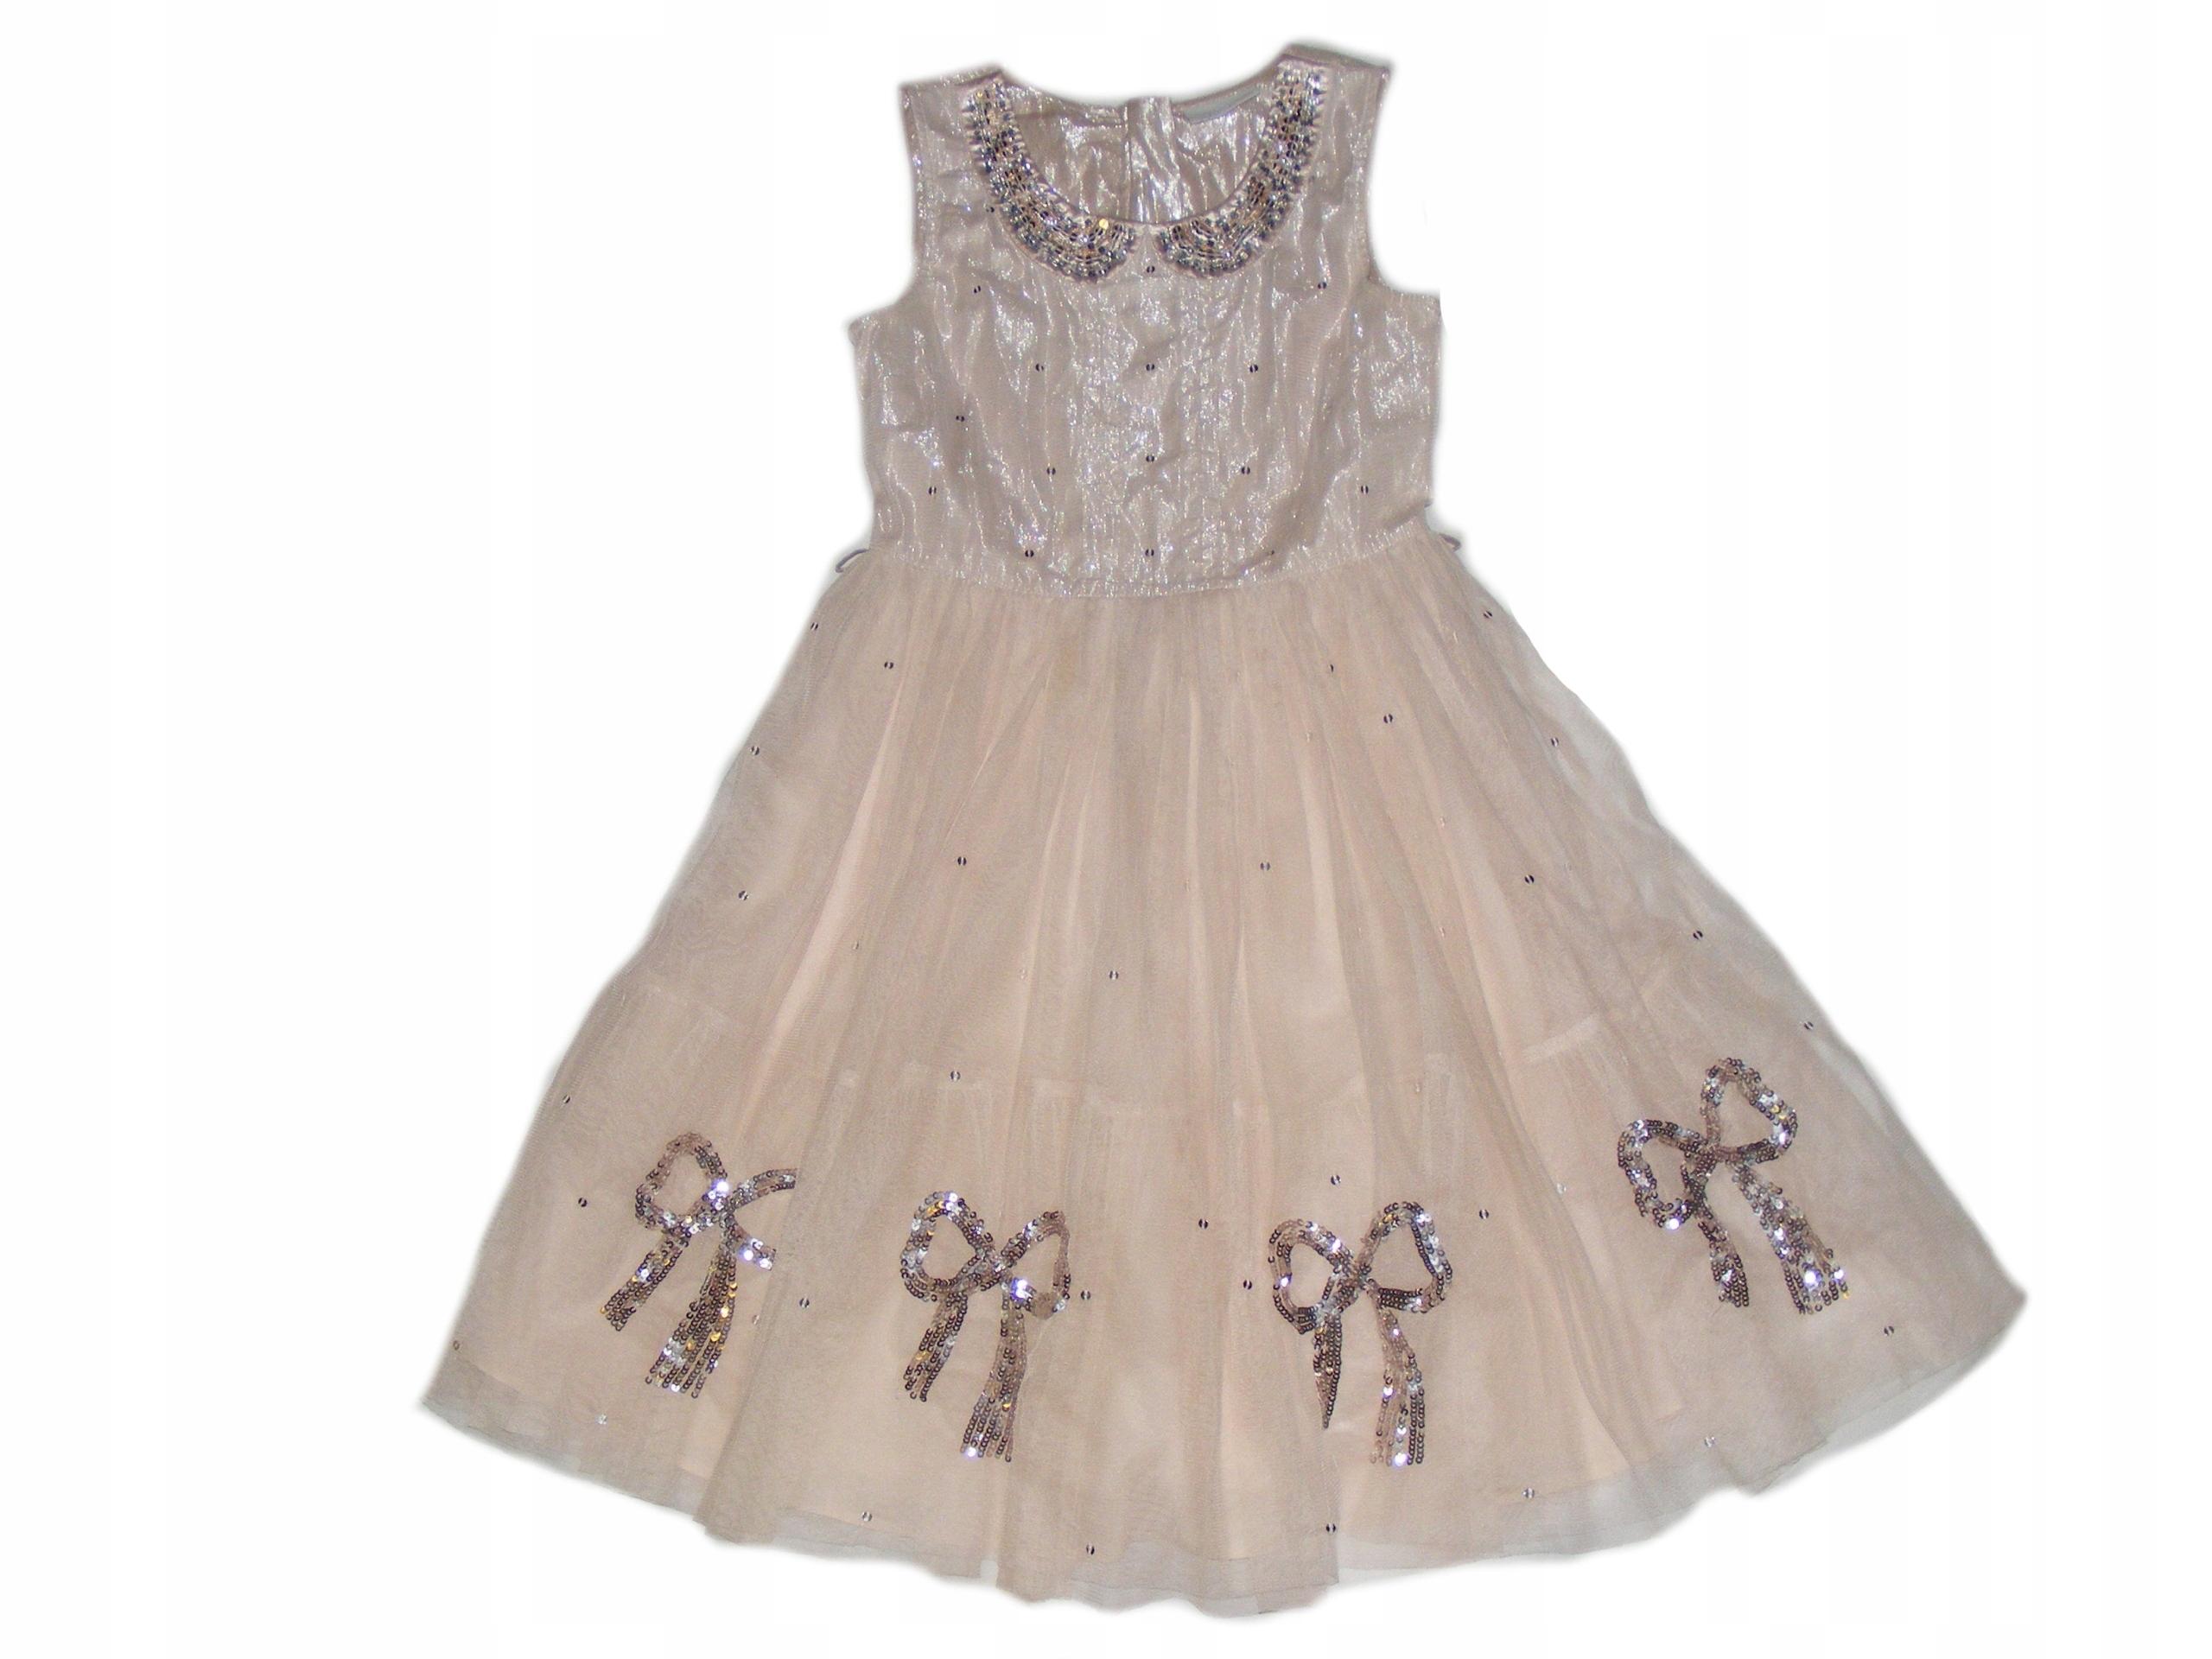 Sukienka Tiulowa Dla Dziewczynki 11lat 146 Wesele 7540188465